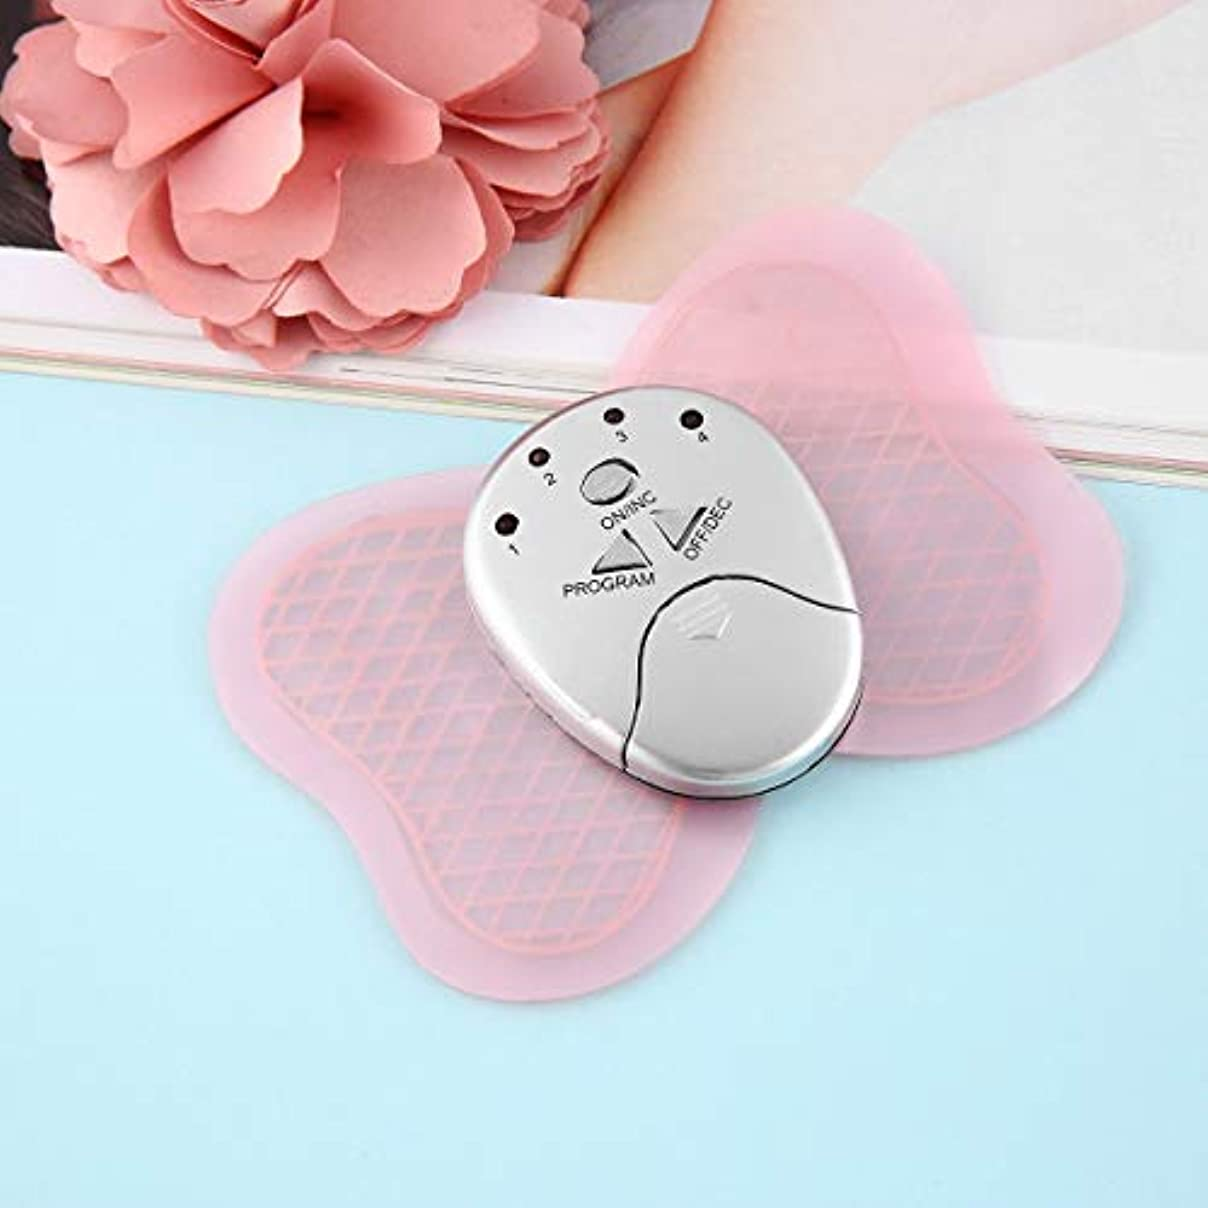 巻き戻す脊椎団結Mini Electronic Body Muscle Butterfly Massager Slimming Vibration Fitness Professional Health Care Two Colors...